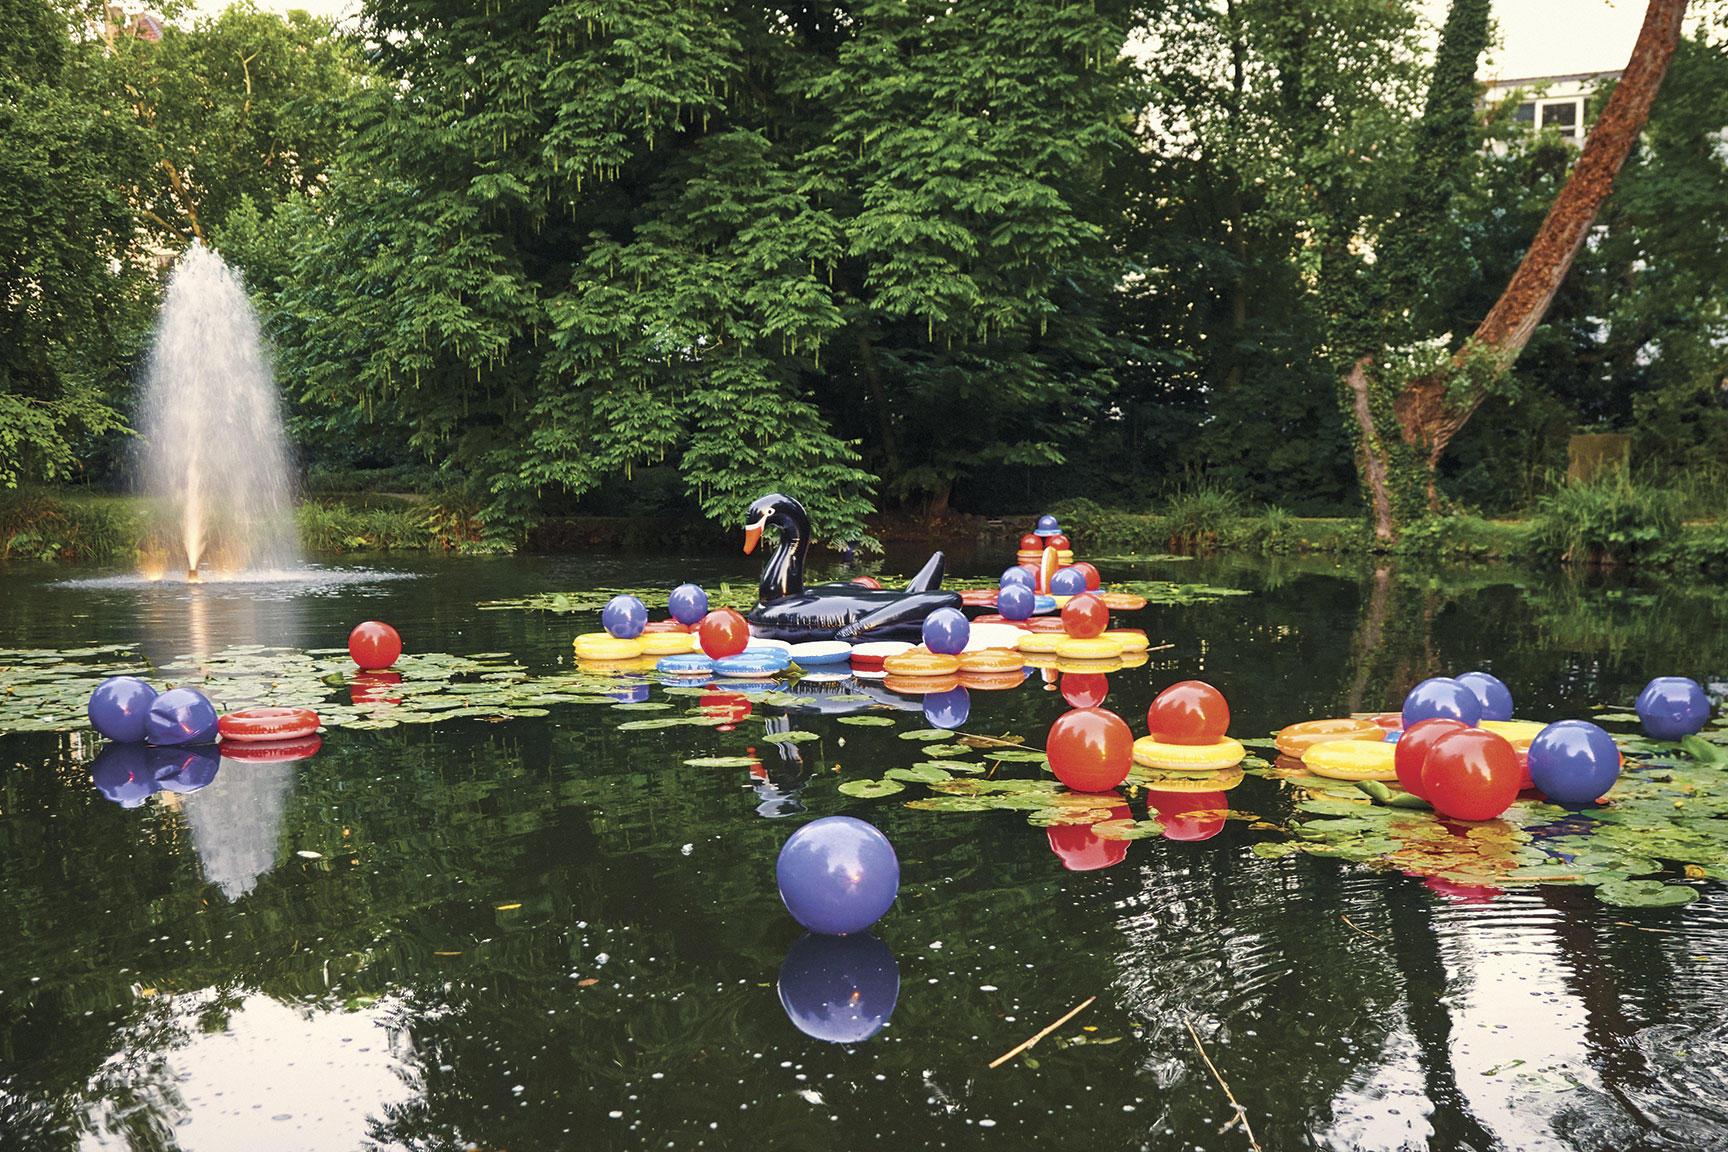 Sommerfest_Malksaten_2018_346.jpg